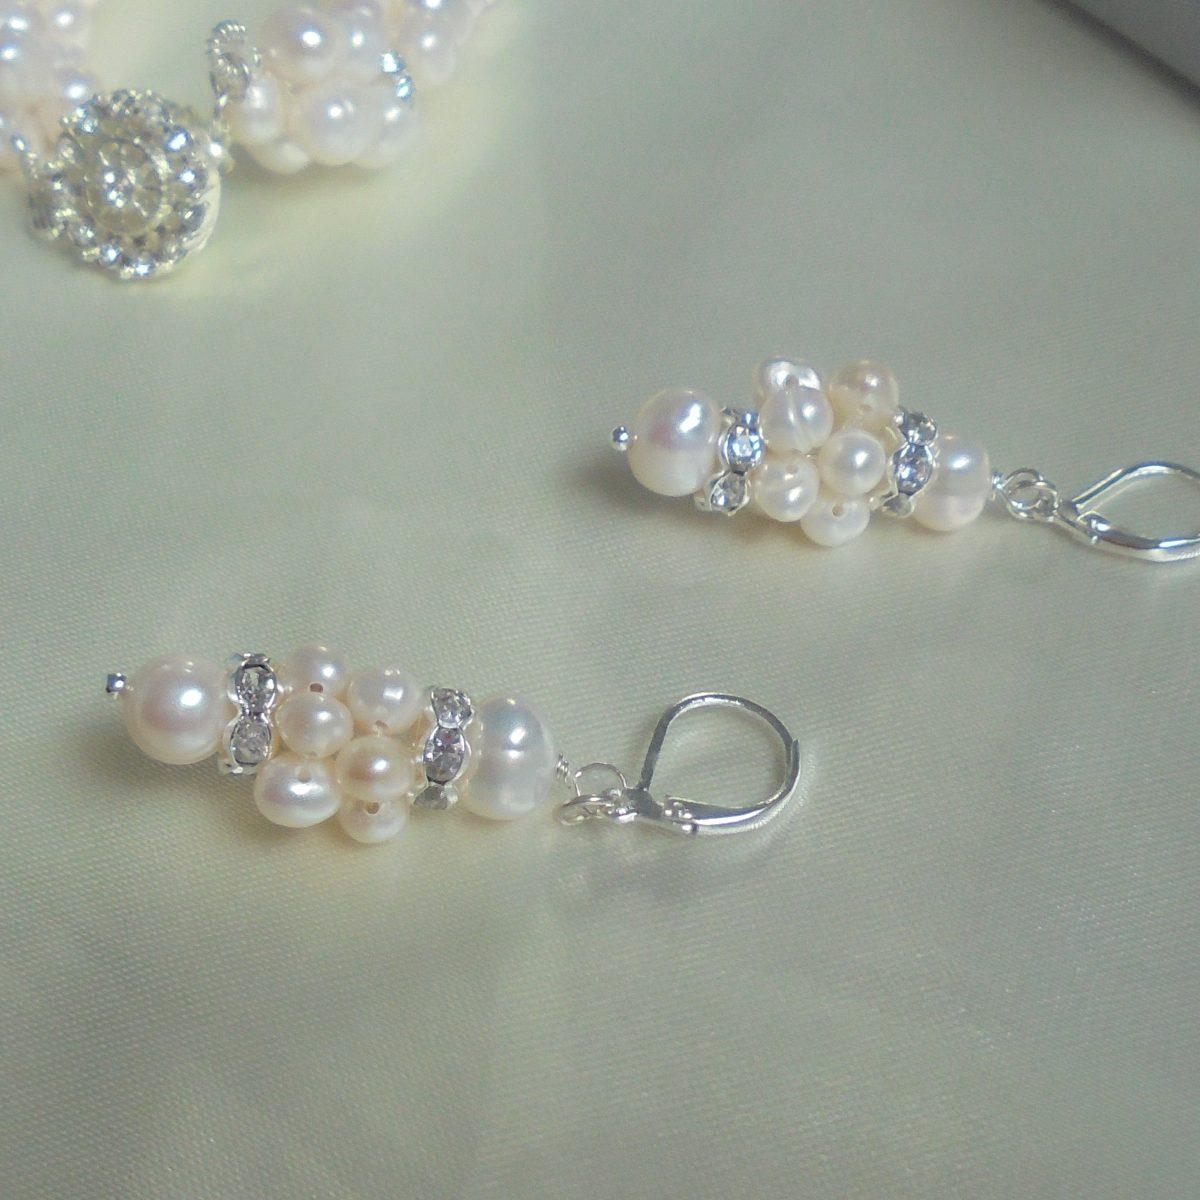 fc9c202c57a6 aros perlas naturales y strass novias quince madrinas. Cargando zoom.